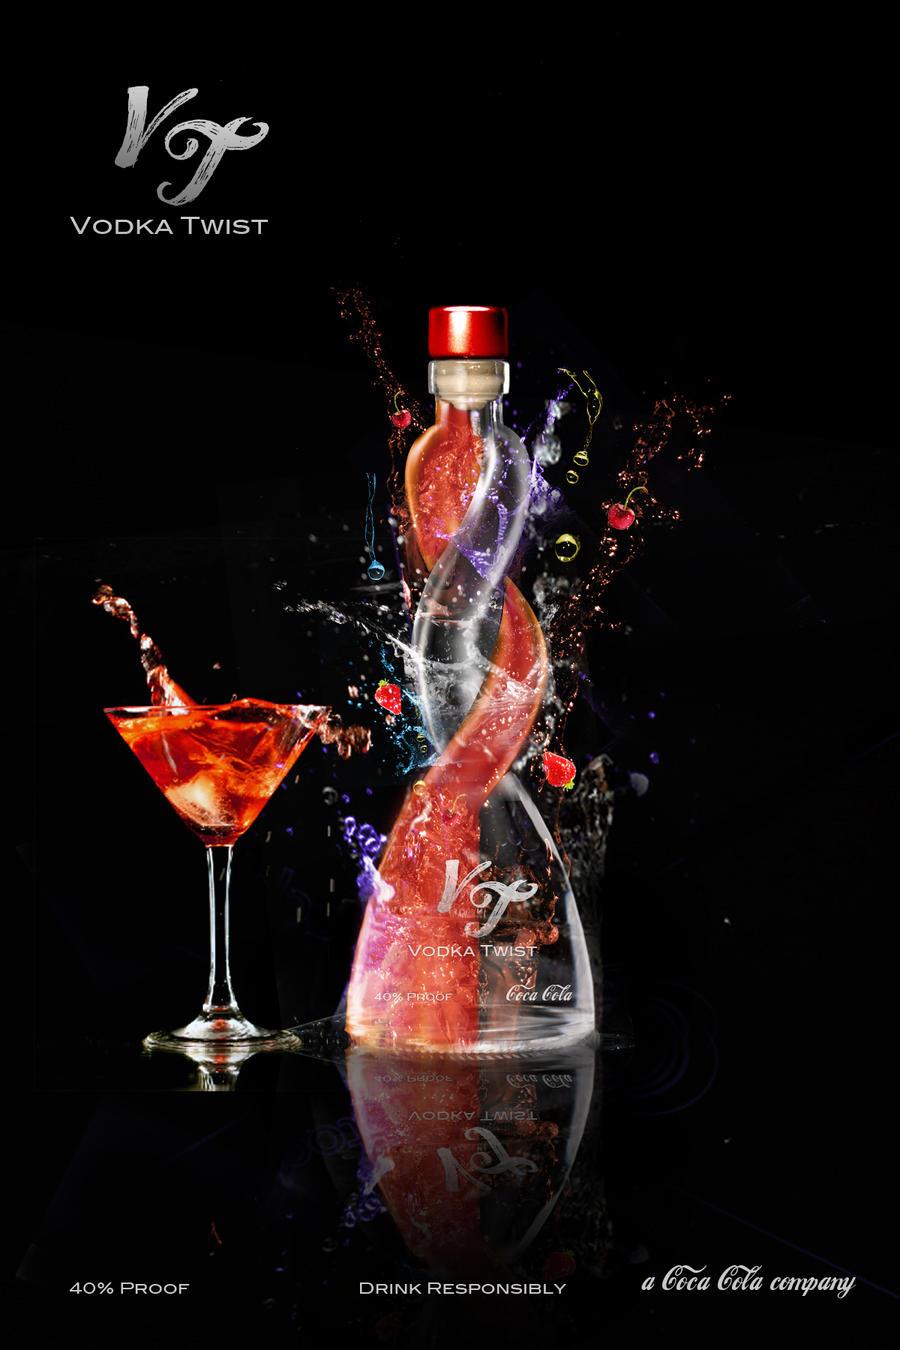 Vodka Twist